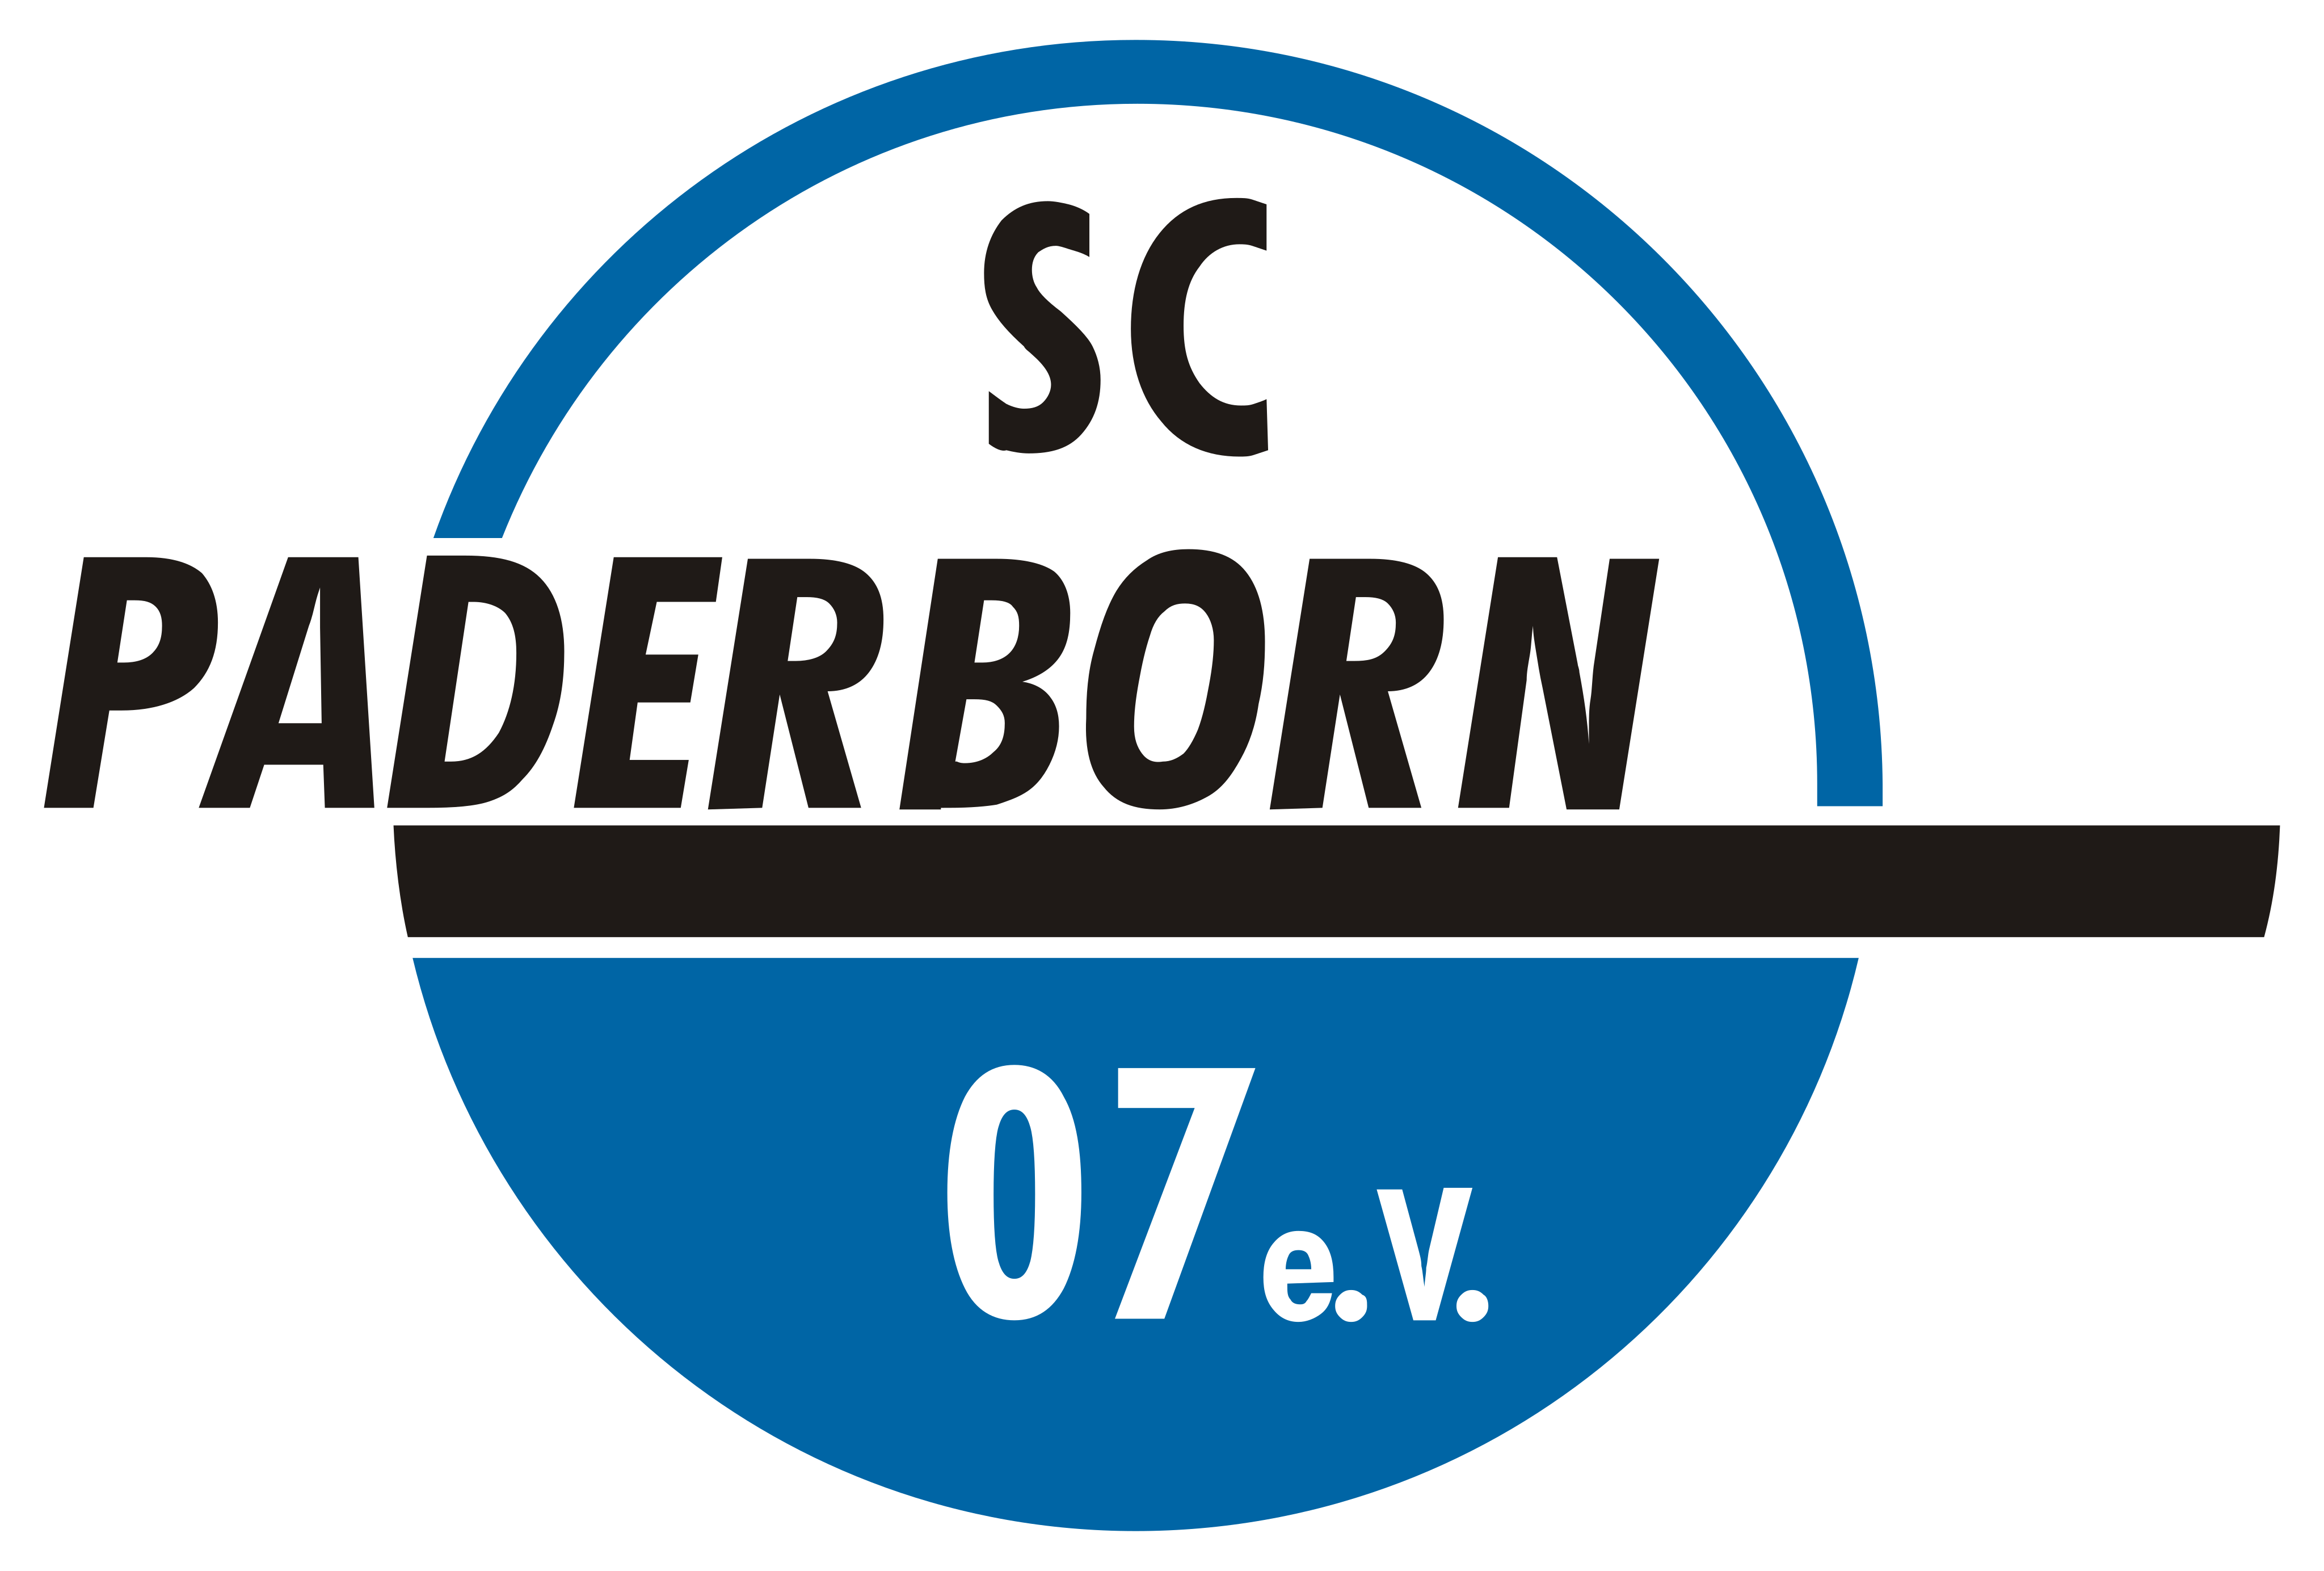 paderborn logo - SC Paderborn 07 Logo